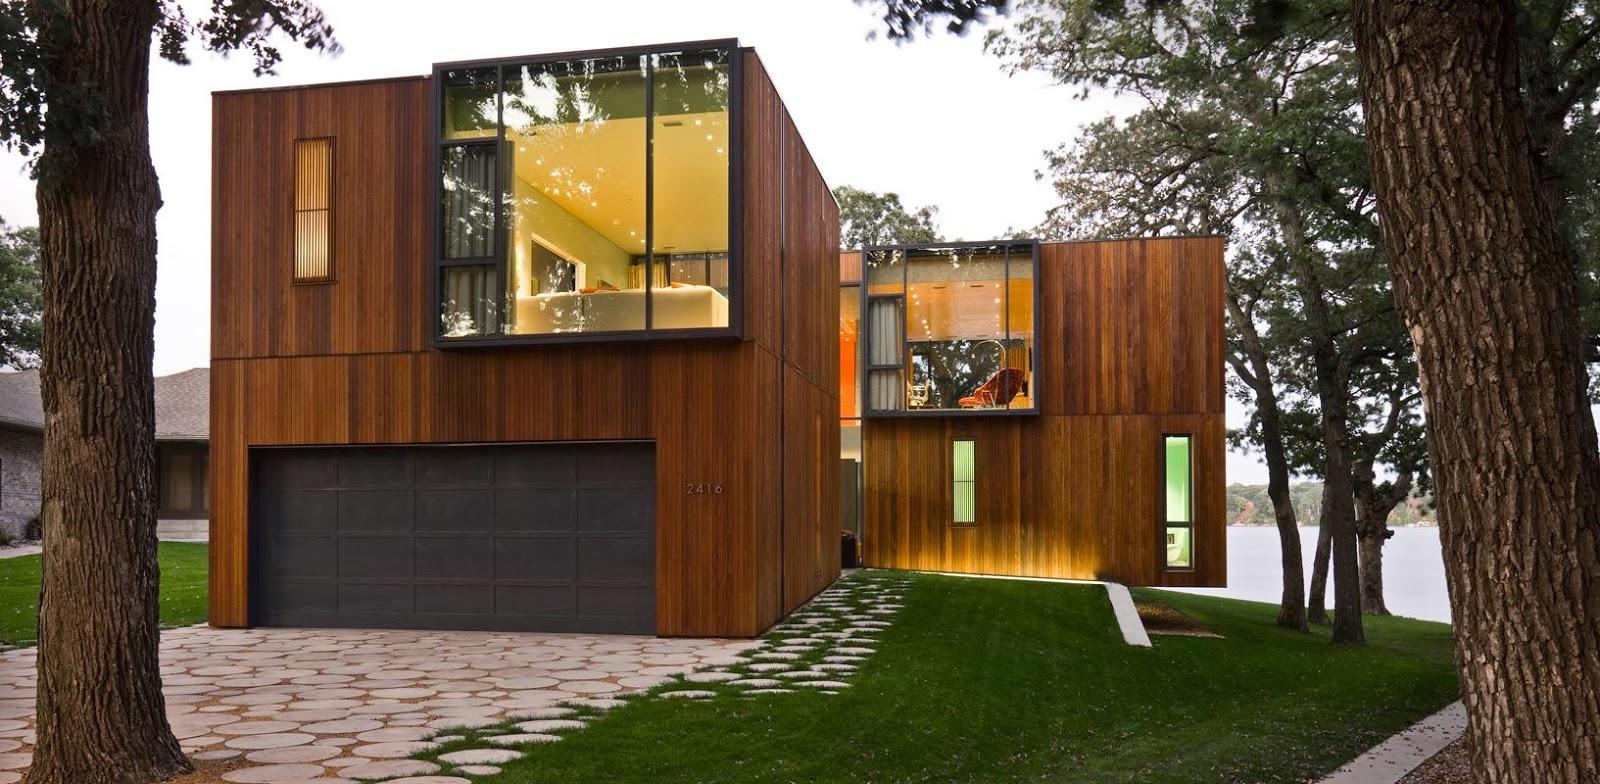 Revestimento para fachadas de casas decorando casas for Decorando casa